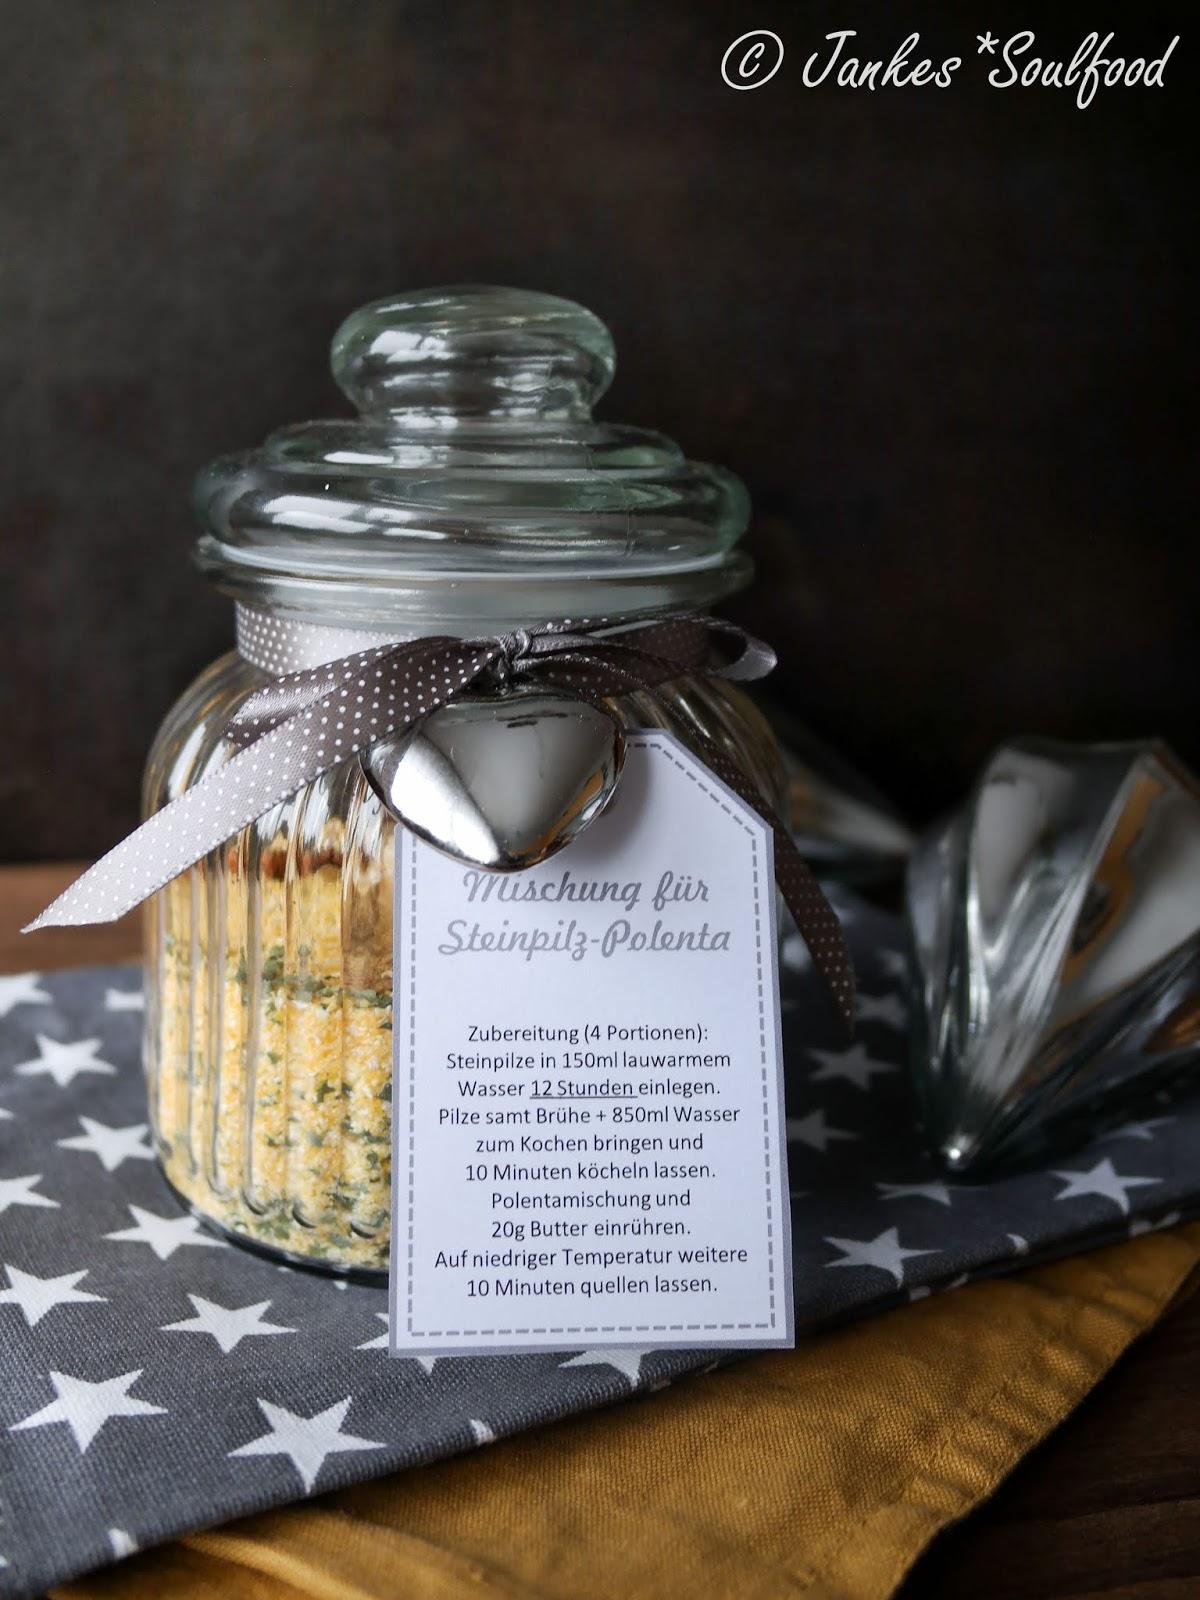 Geschenk aus der Küche: Steinpilz-Polenta